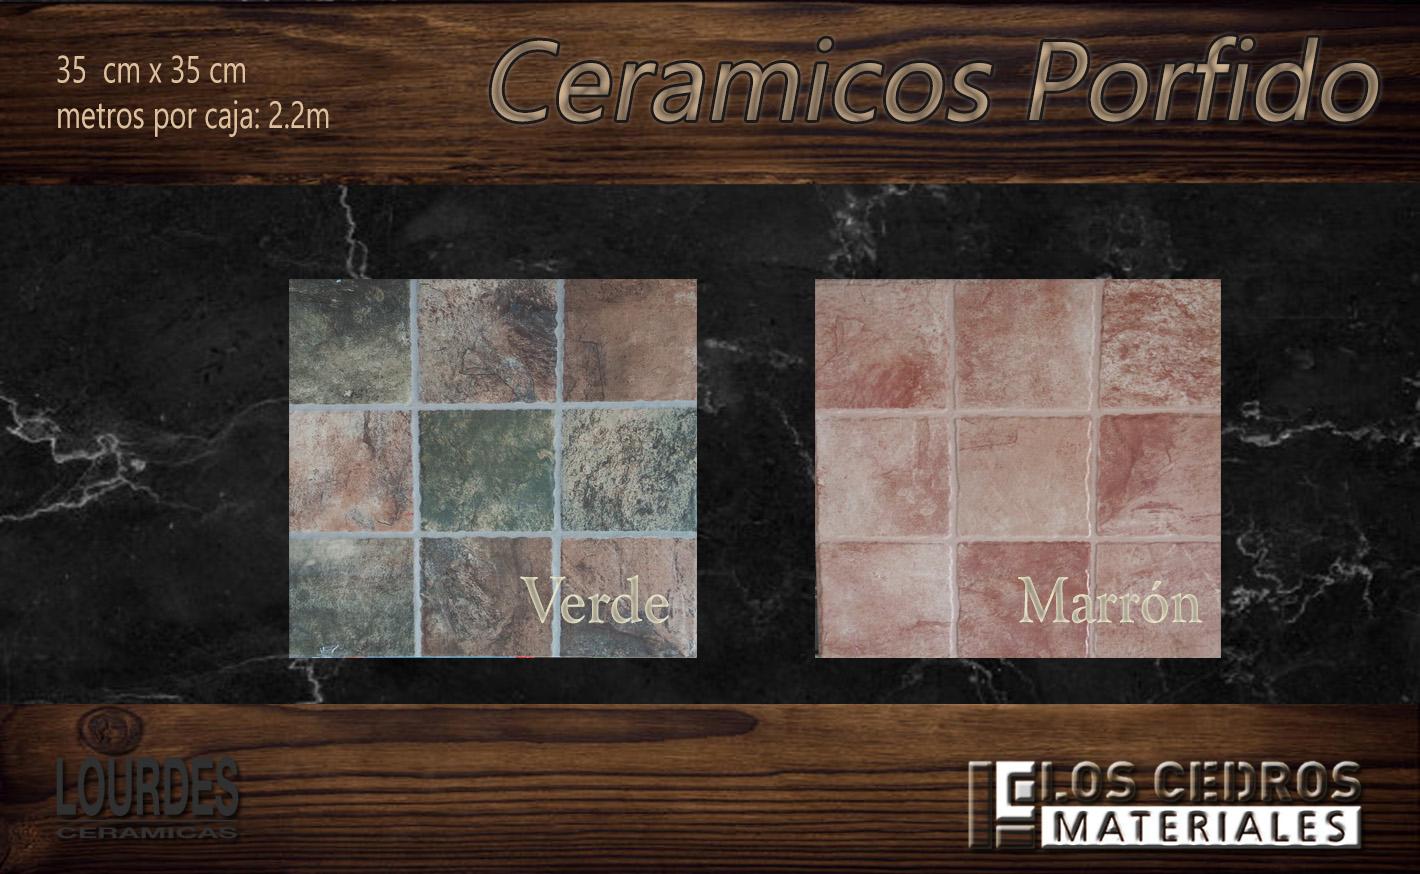 ceramicos porfido